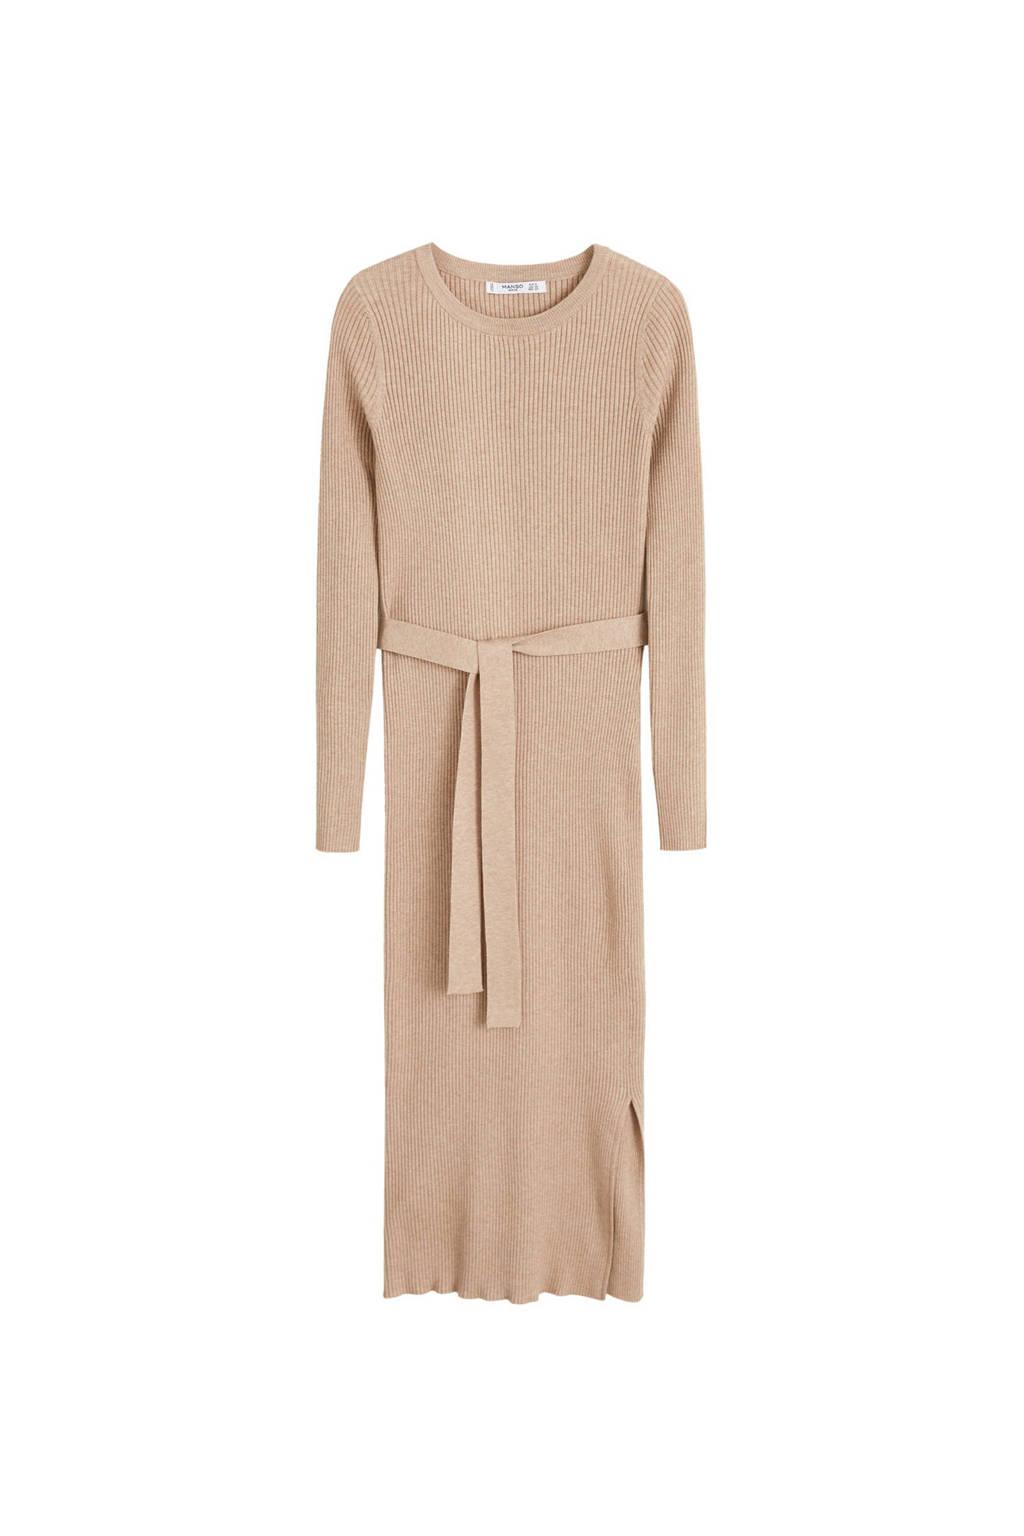 Mango jurk van geribde stof bruin, Bruin